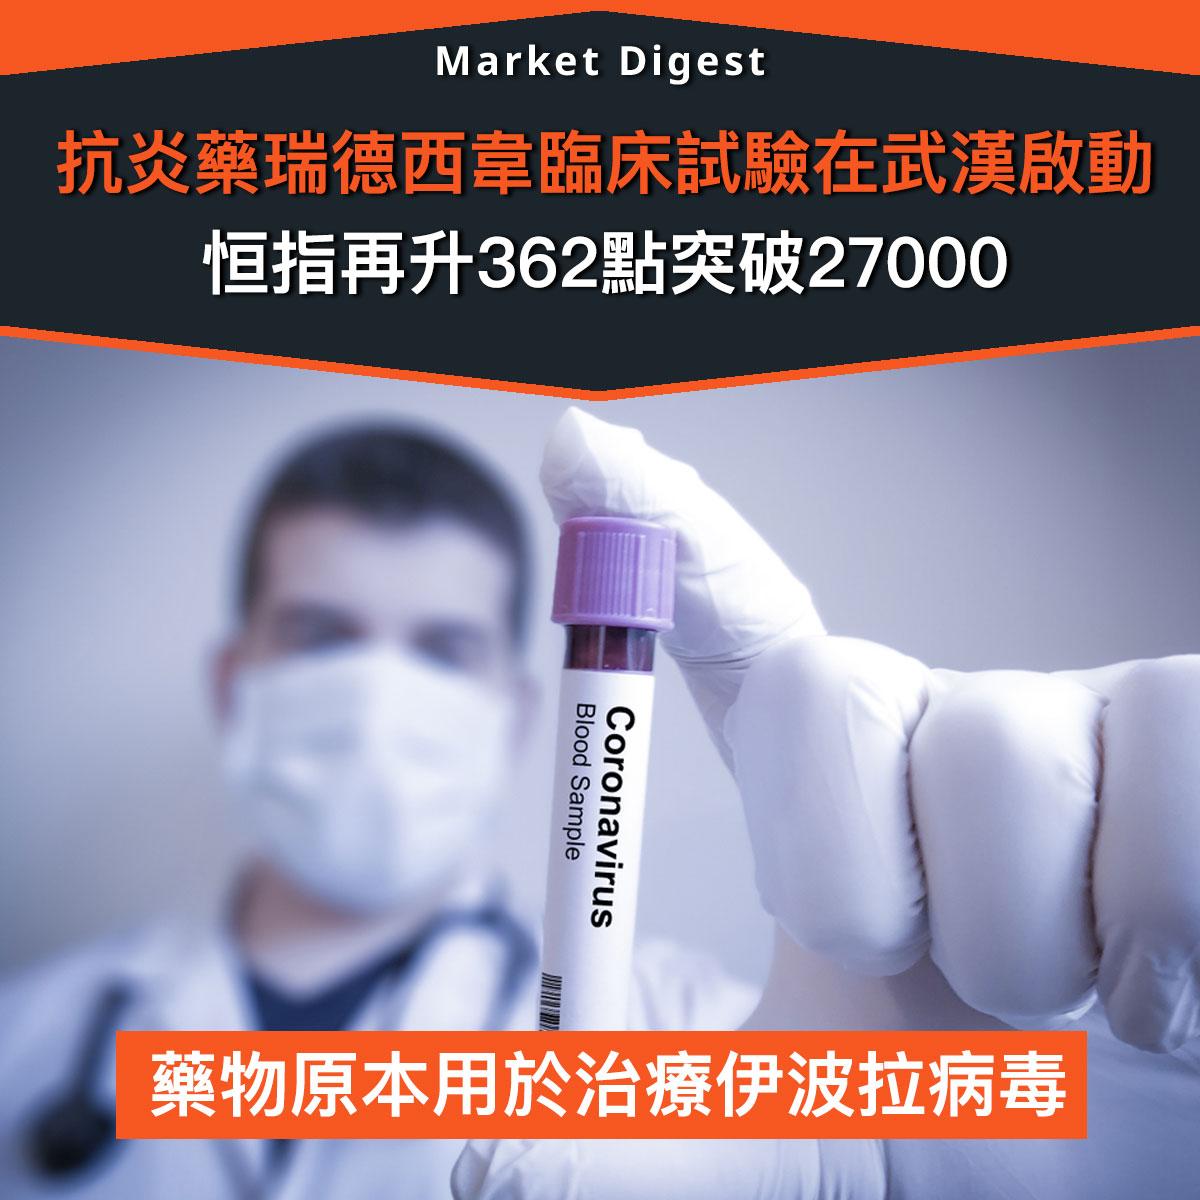 【市場熱話】抗炎藥「瑞德西韋」在武漢臨床試驗,恒指再升362點有望四連升